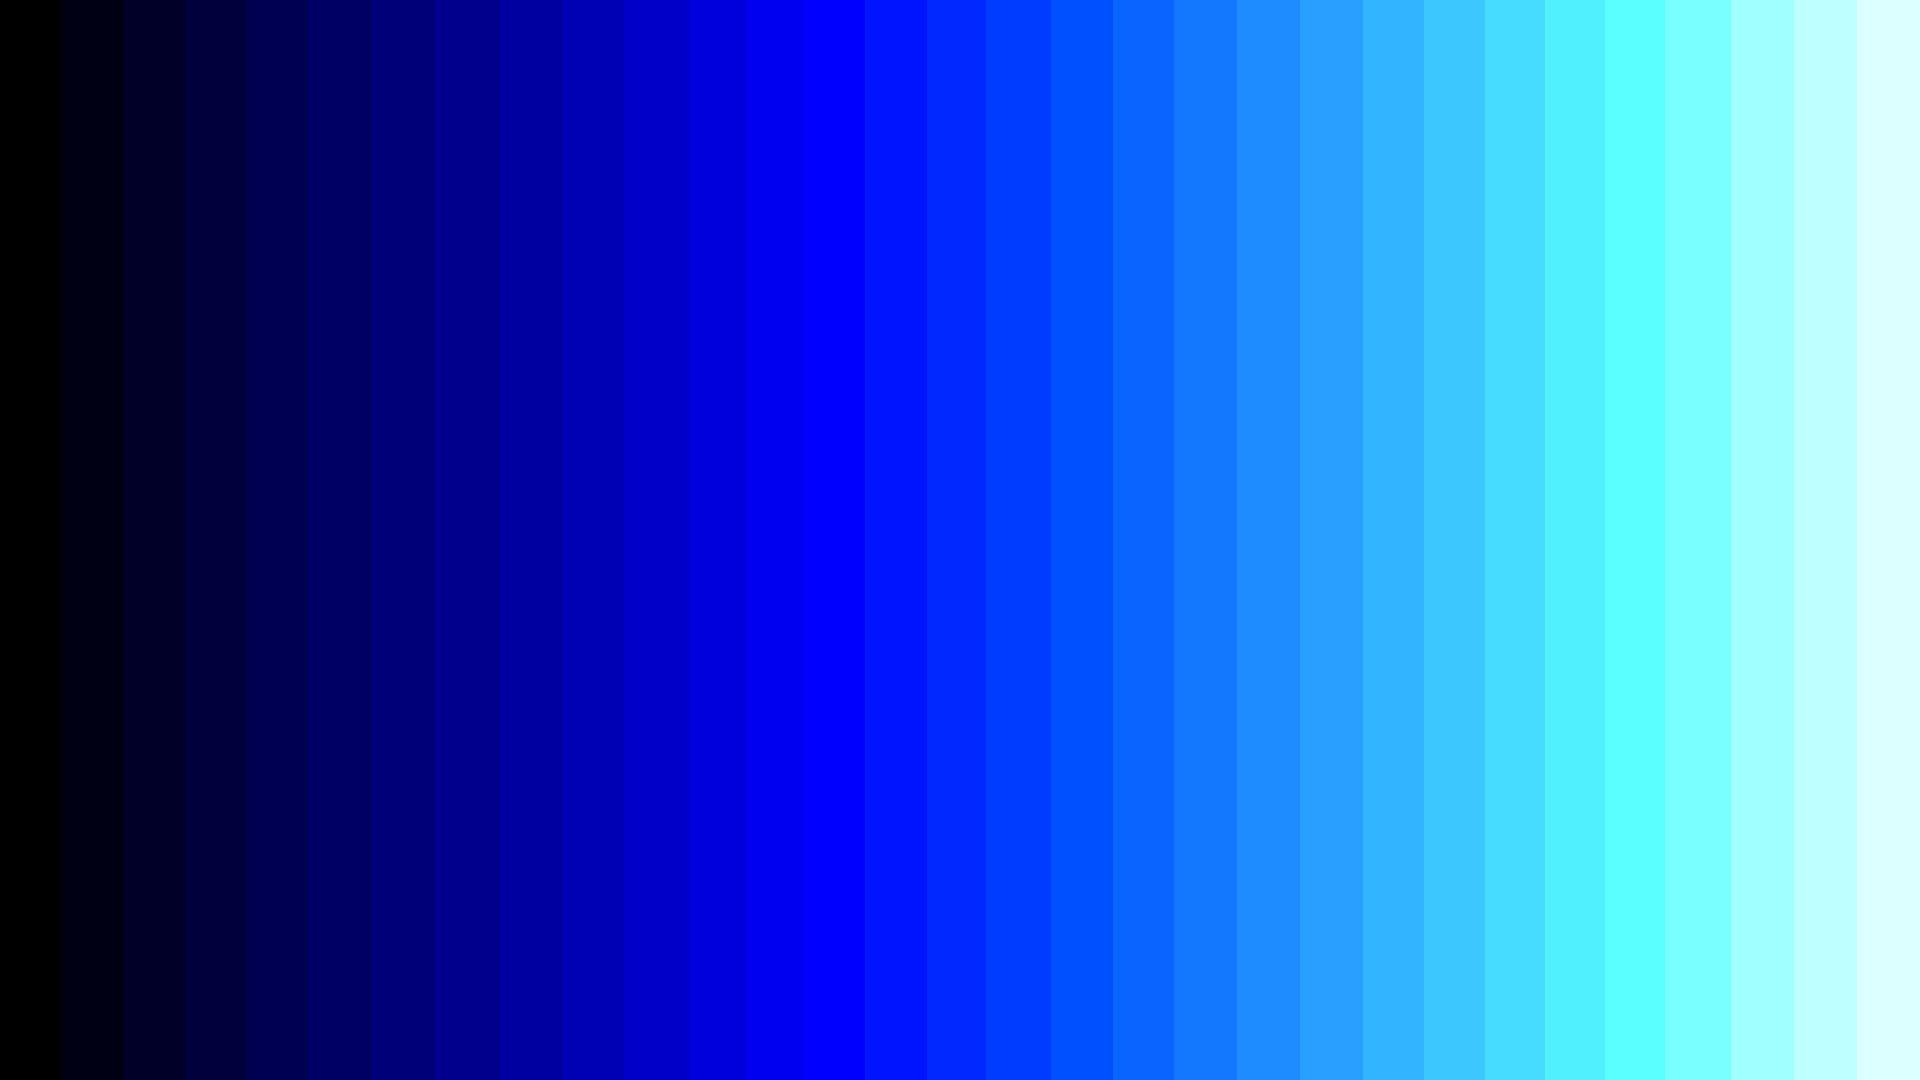 Color Blue Wallpaper - WallpaperSafari